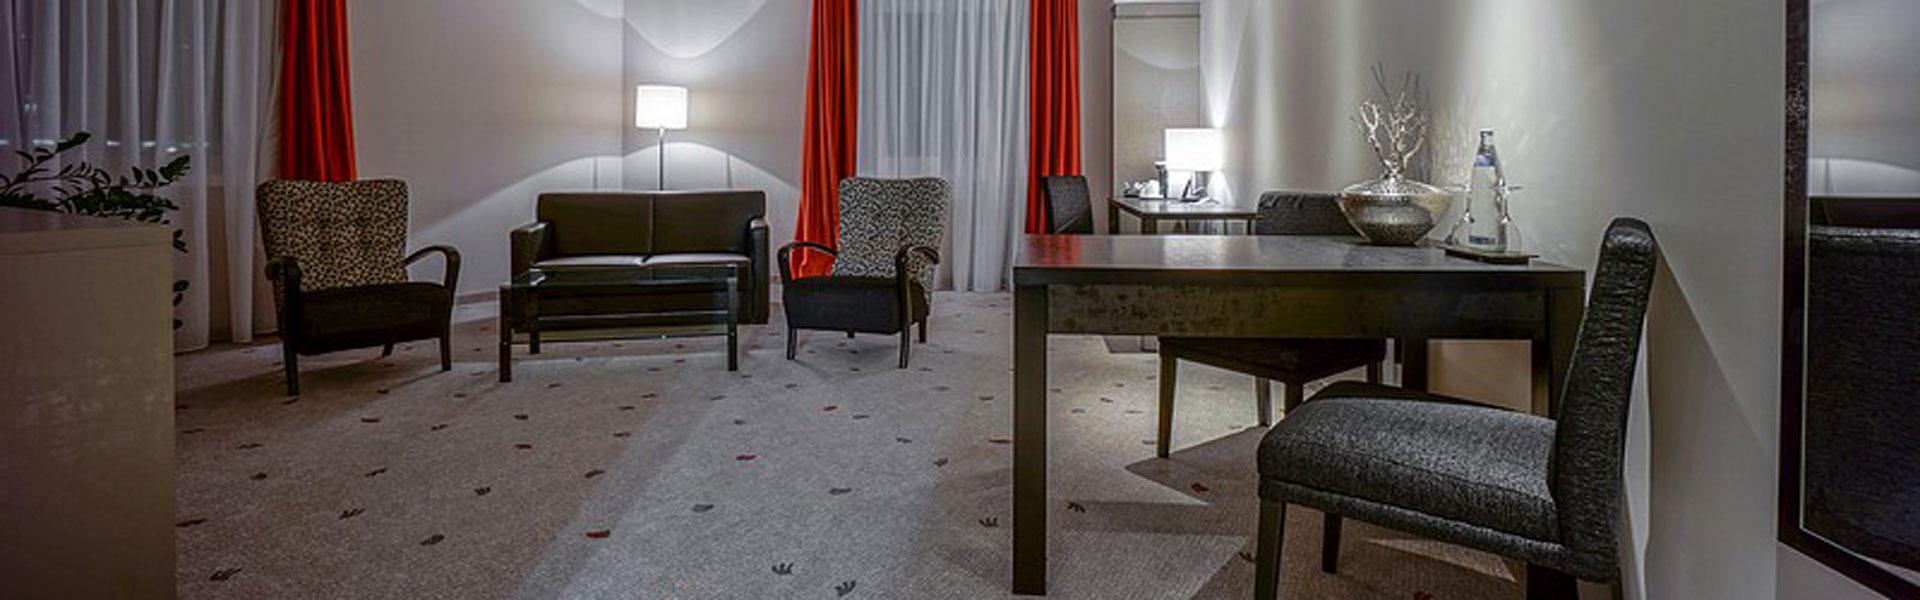 Suite Wohnbereich Hotel Bielefeld Zentrum